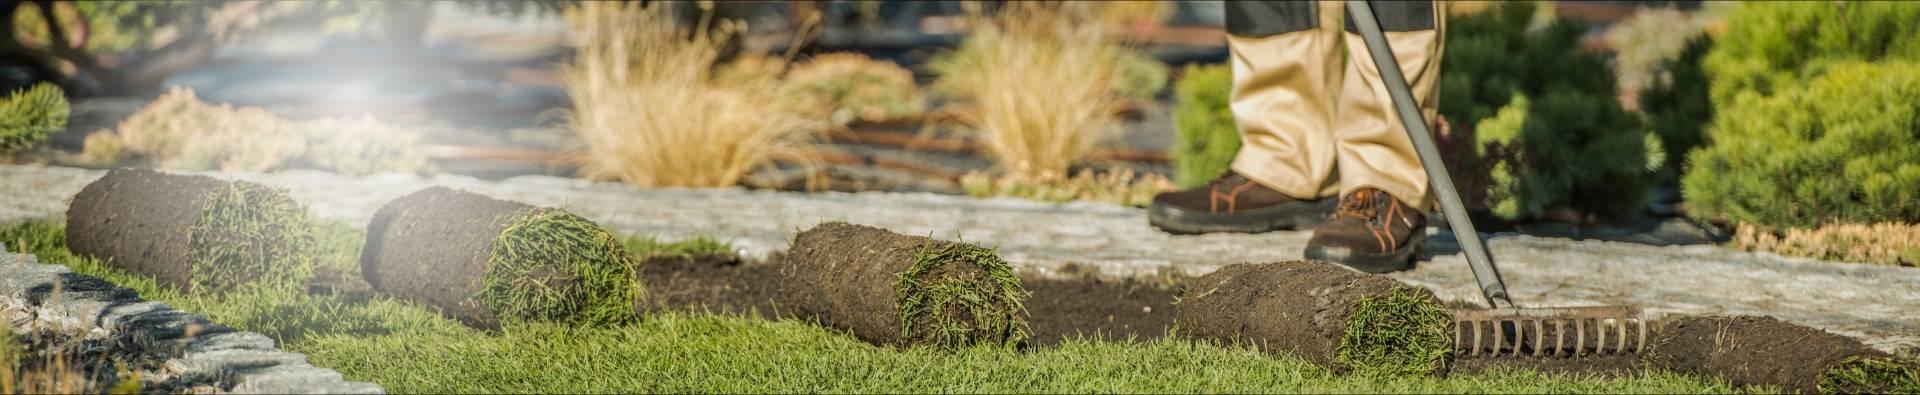 Rolki trawy